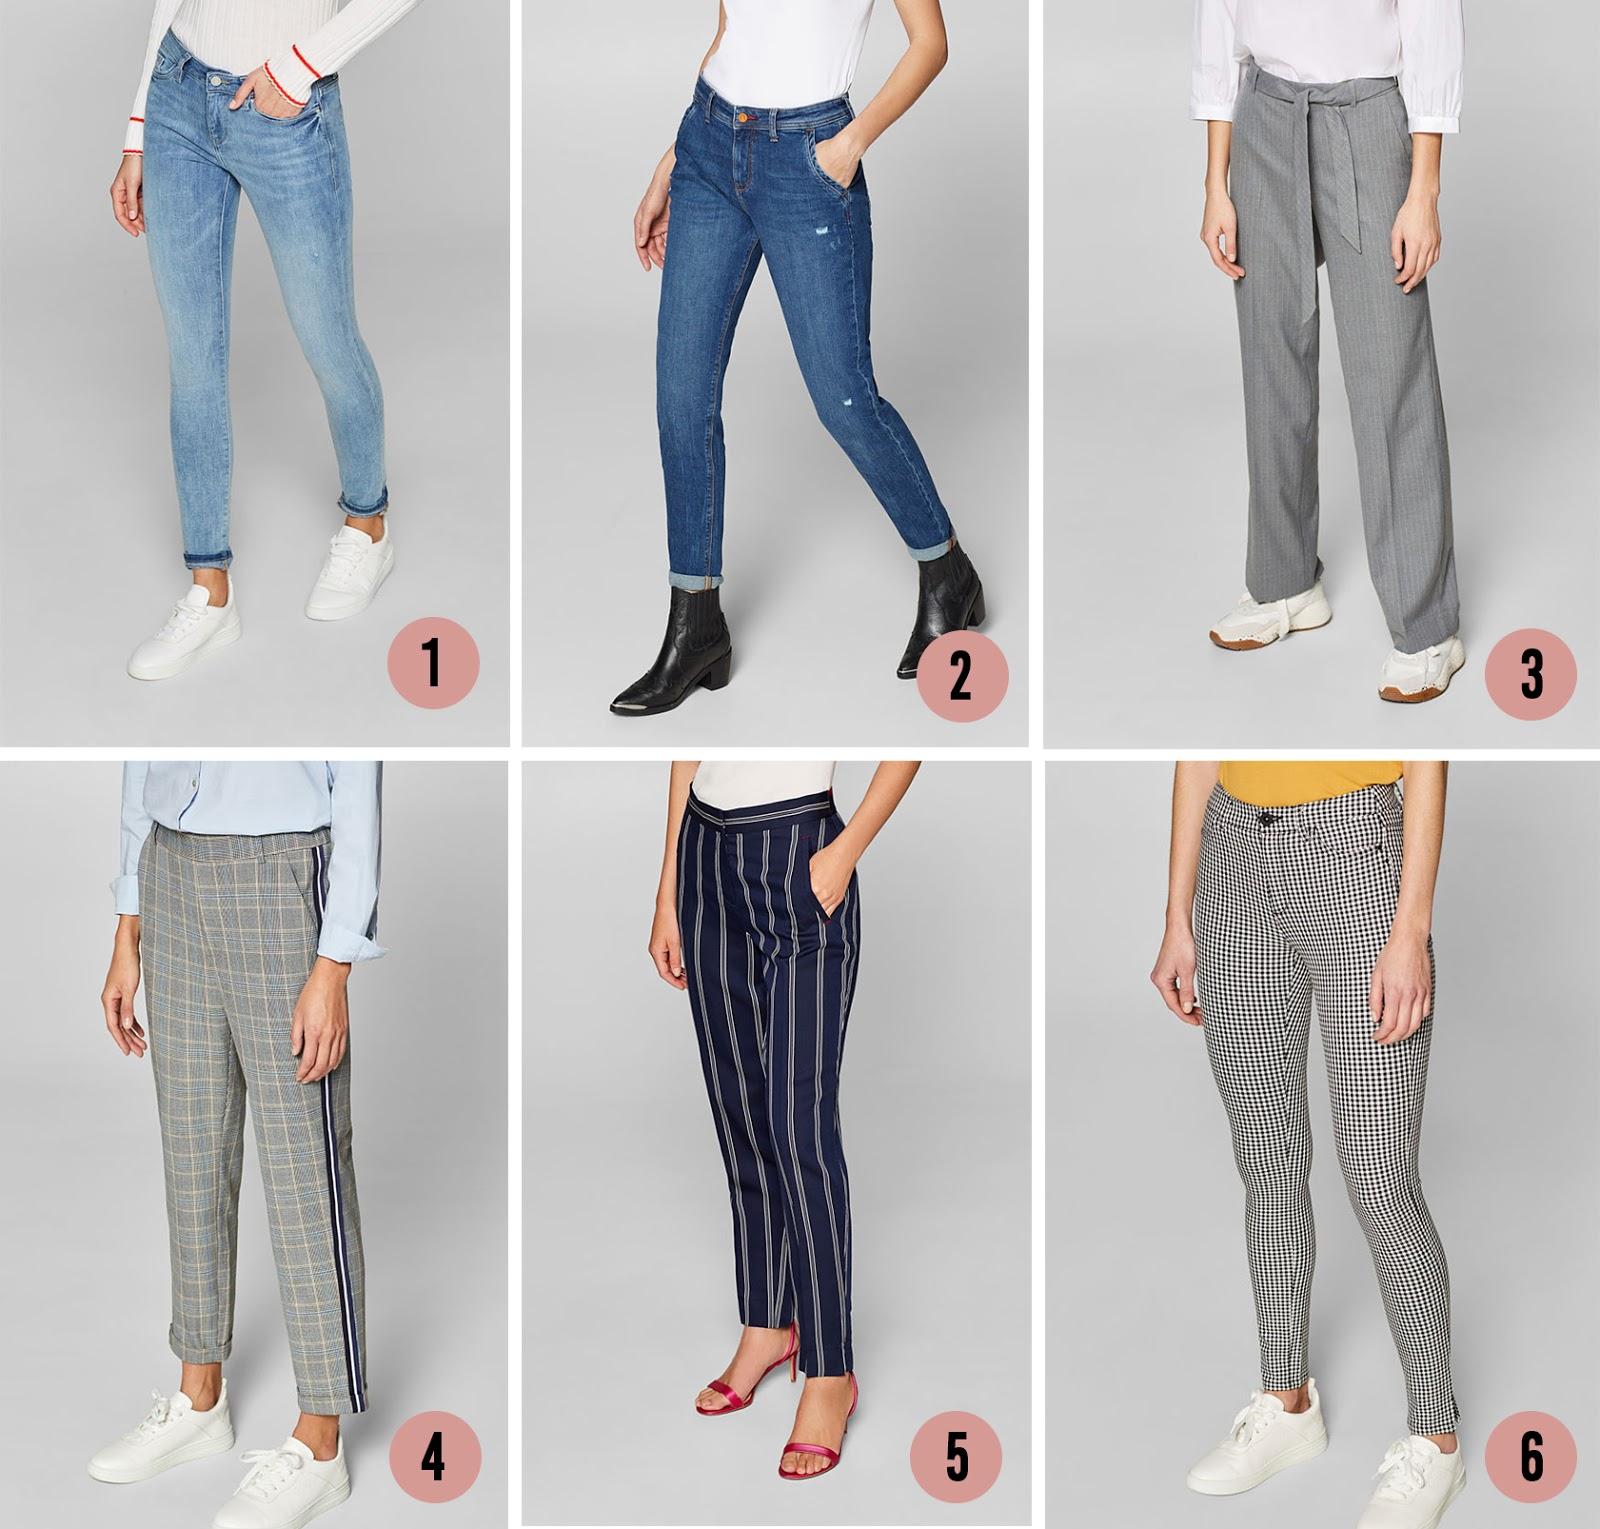 Nieuw 6 broeken die ik deze lente aan mijn garderobe toe wil voegen WT-16